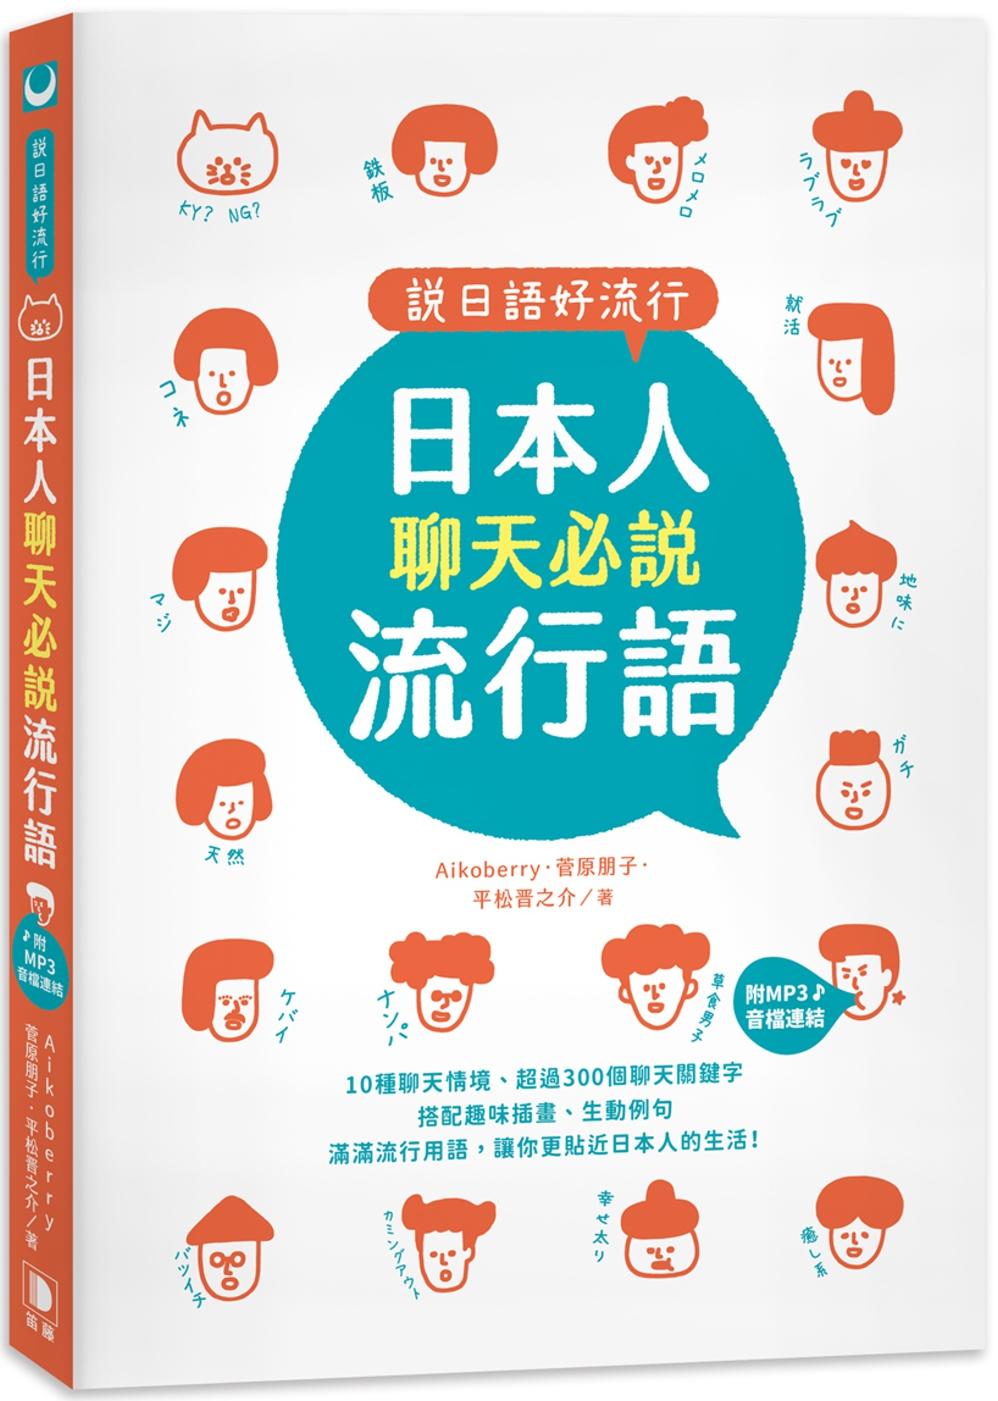 說日語好流行!日本人聊天必說流行語 (25K +MP3音檔連結)